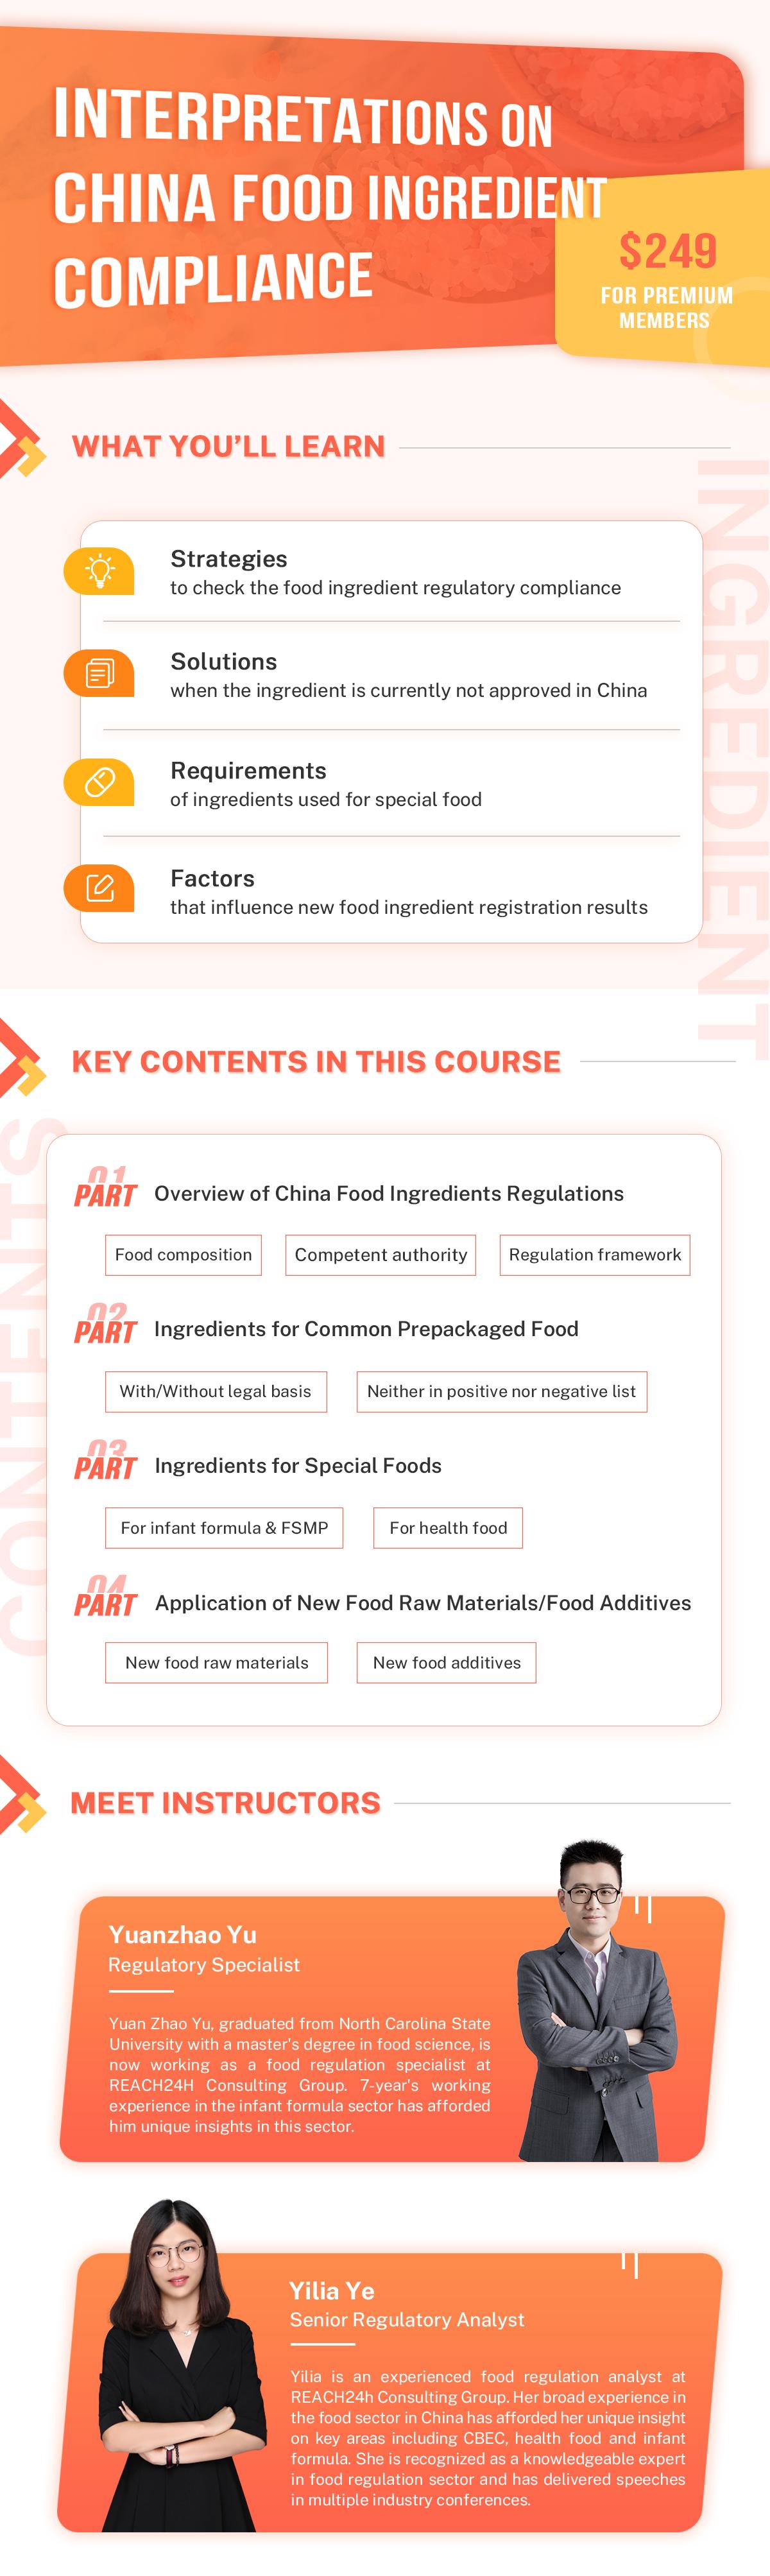 201124-食品原料课程介绍-2.png